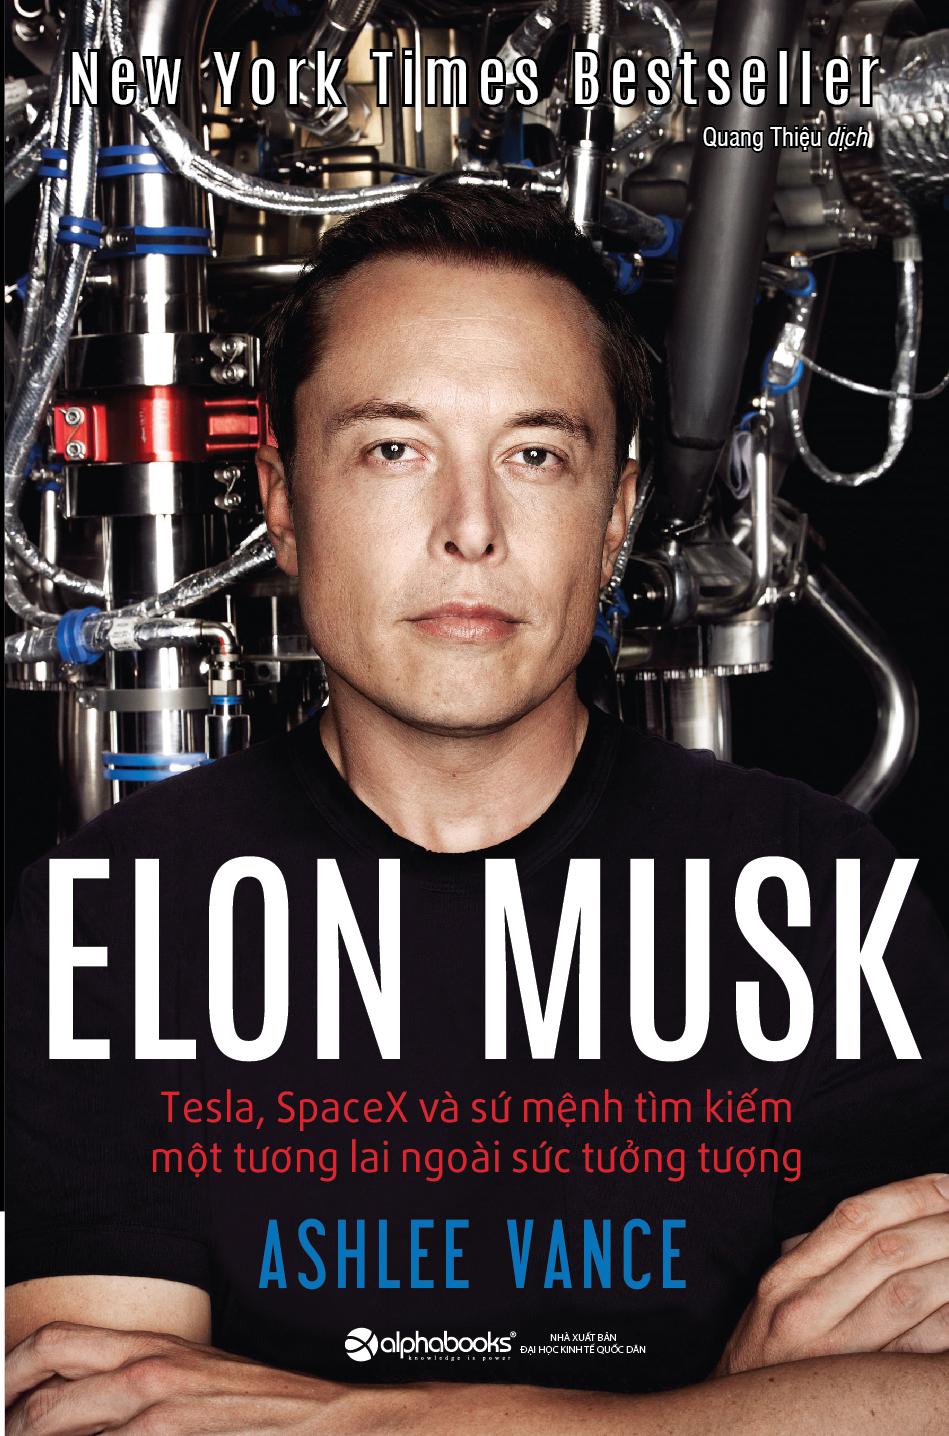 Elon Musk: Tesla, SpaceX Và Sứ Mệnh Tìm Kiếm Một Tương Lai Ngoài Sức Tưởng Tượng - 18230234 , 5657061063342 , 62_14432565 , 199000 , Elon-Musk-Tesla-SpaceX-Va-Su-Menh-Tim-Kiem-Mot-Tuong-Lai-Ngoai-Suc-Tuong-Tuong-62_14432565 , tiki.vn , Elon Musk: Tesla, SpaceX Và Sứ Mệnh Tìm Kiếm Một Tương Lai Ngoài Sức Tưởng Tượng